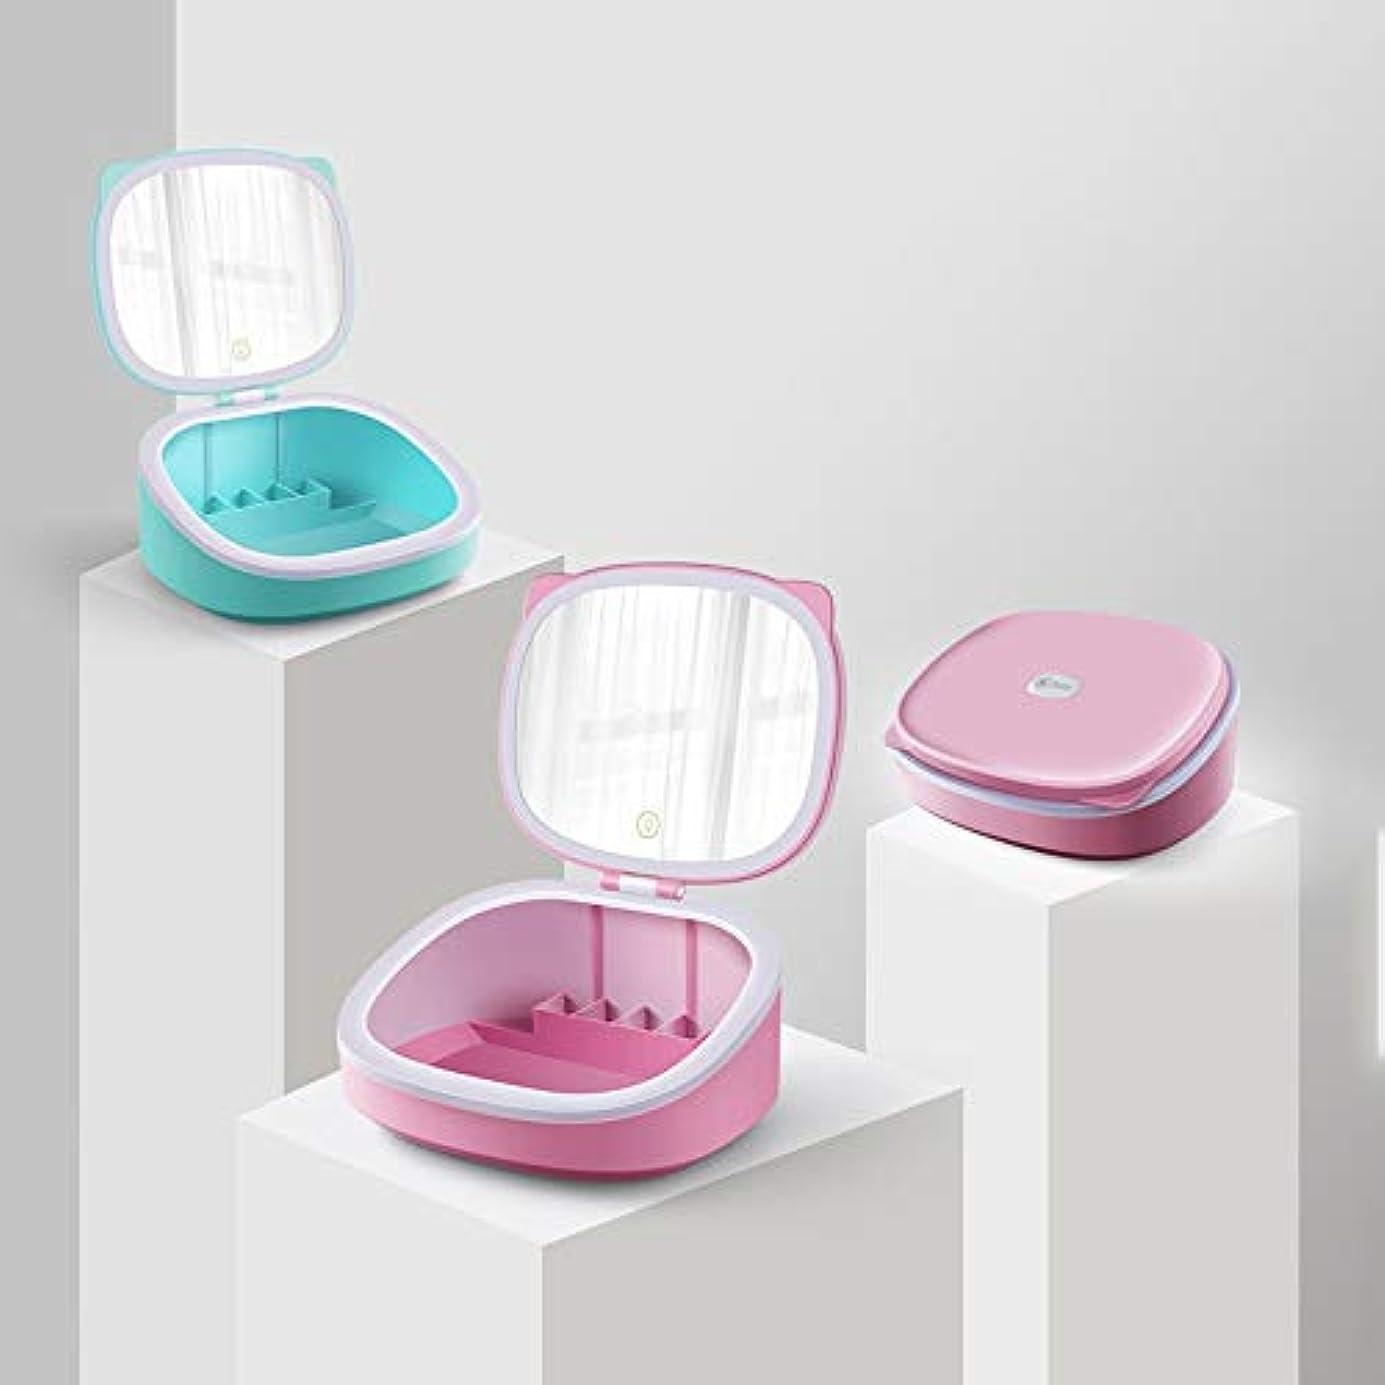 流行の LEDライト化粧鏡収納猫美容鏡卓上鏡多機能光ABSピンクブルーを調整することができます (色 : Pink)